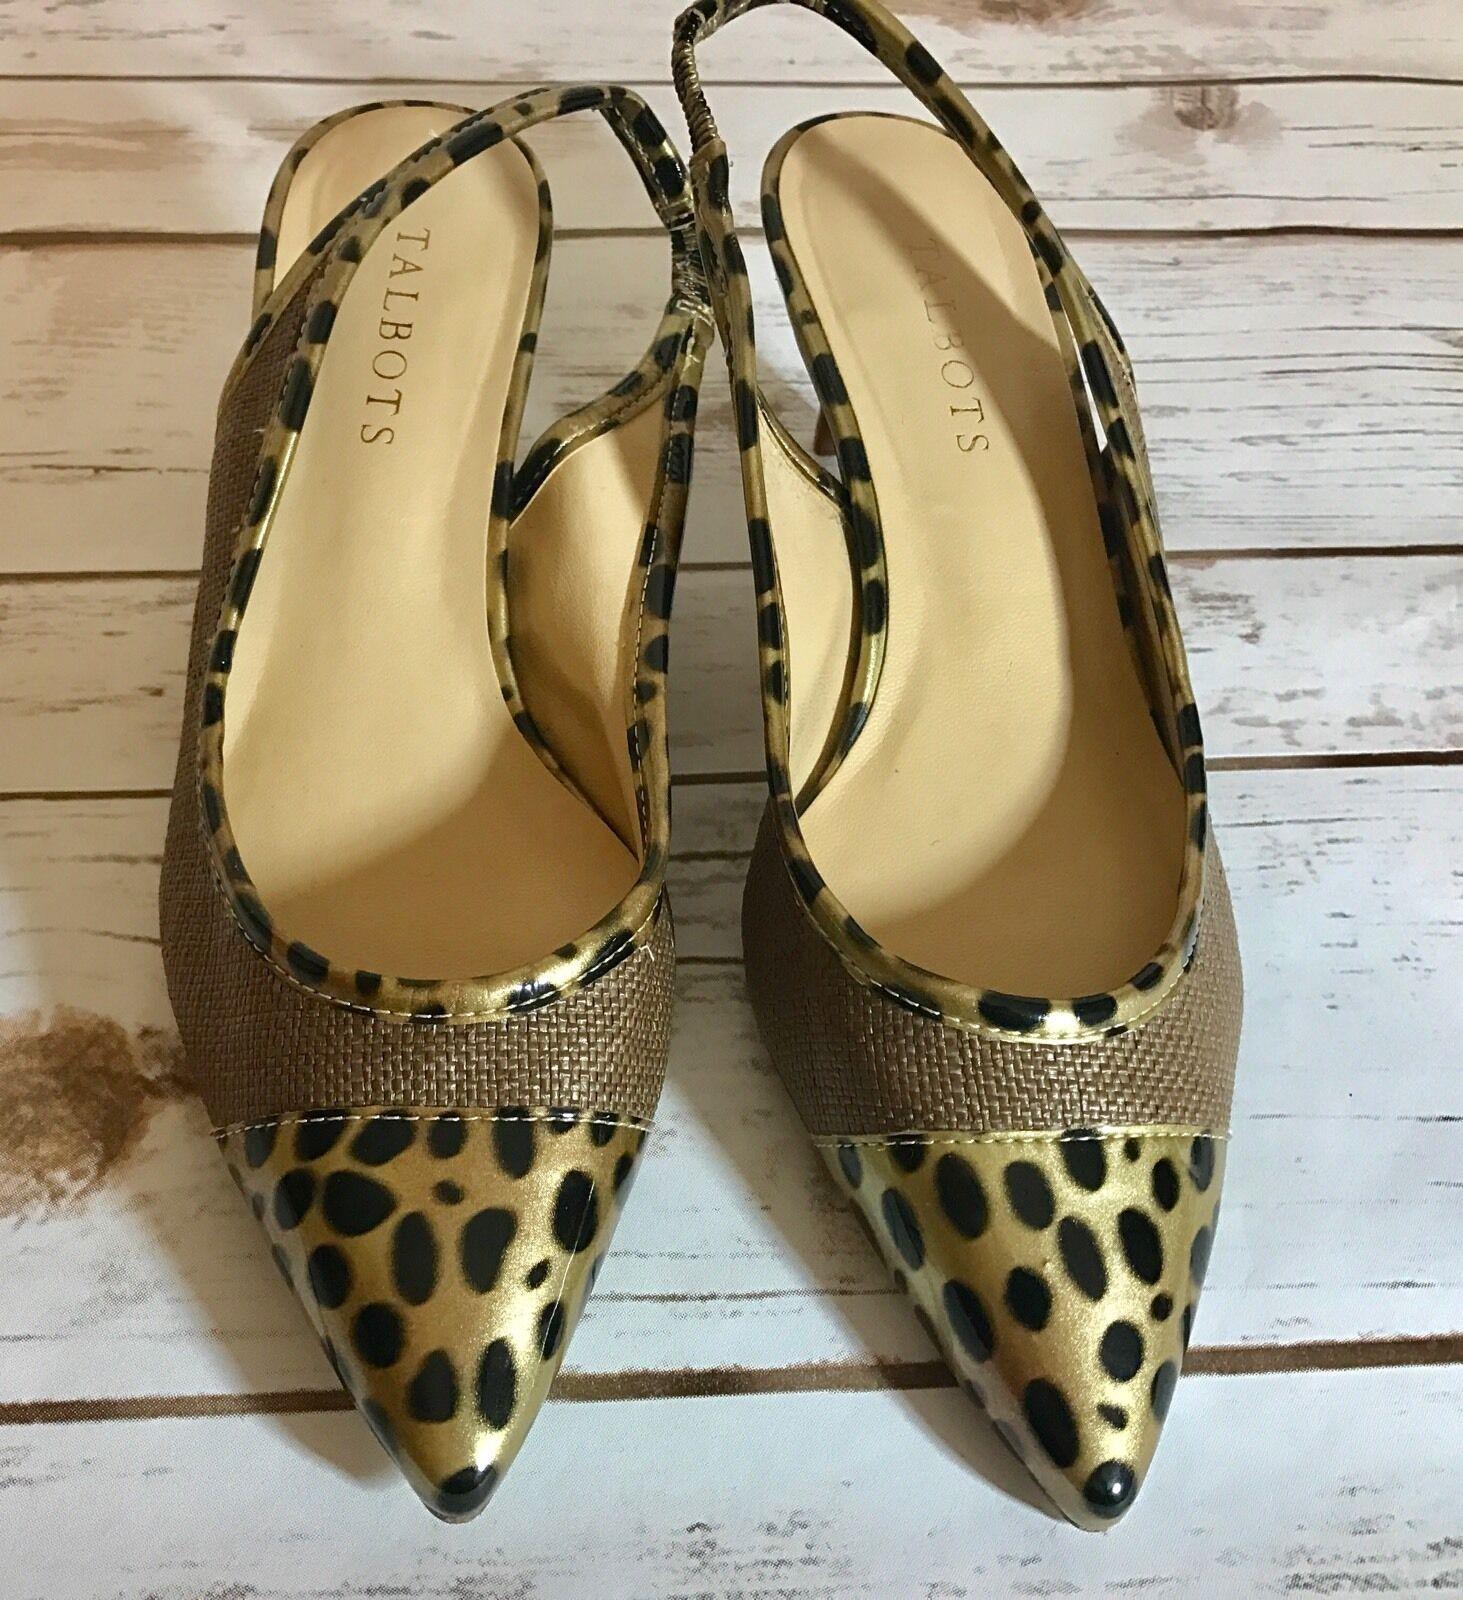 Talbots  shoes gold Leopard  Sling Back Kitten Heels Sz 7.5